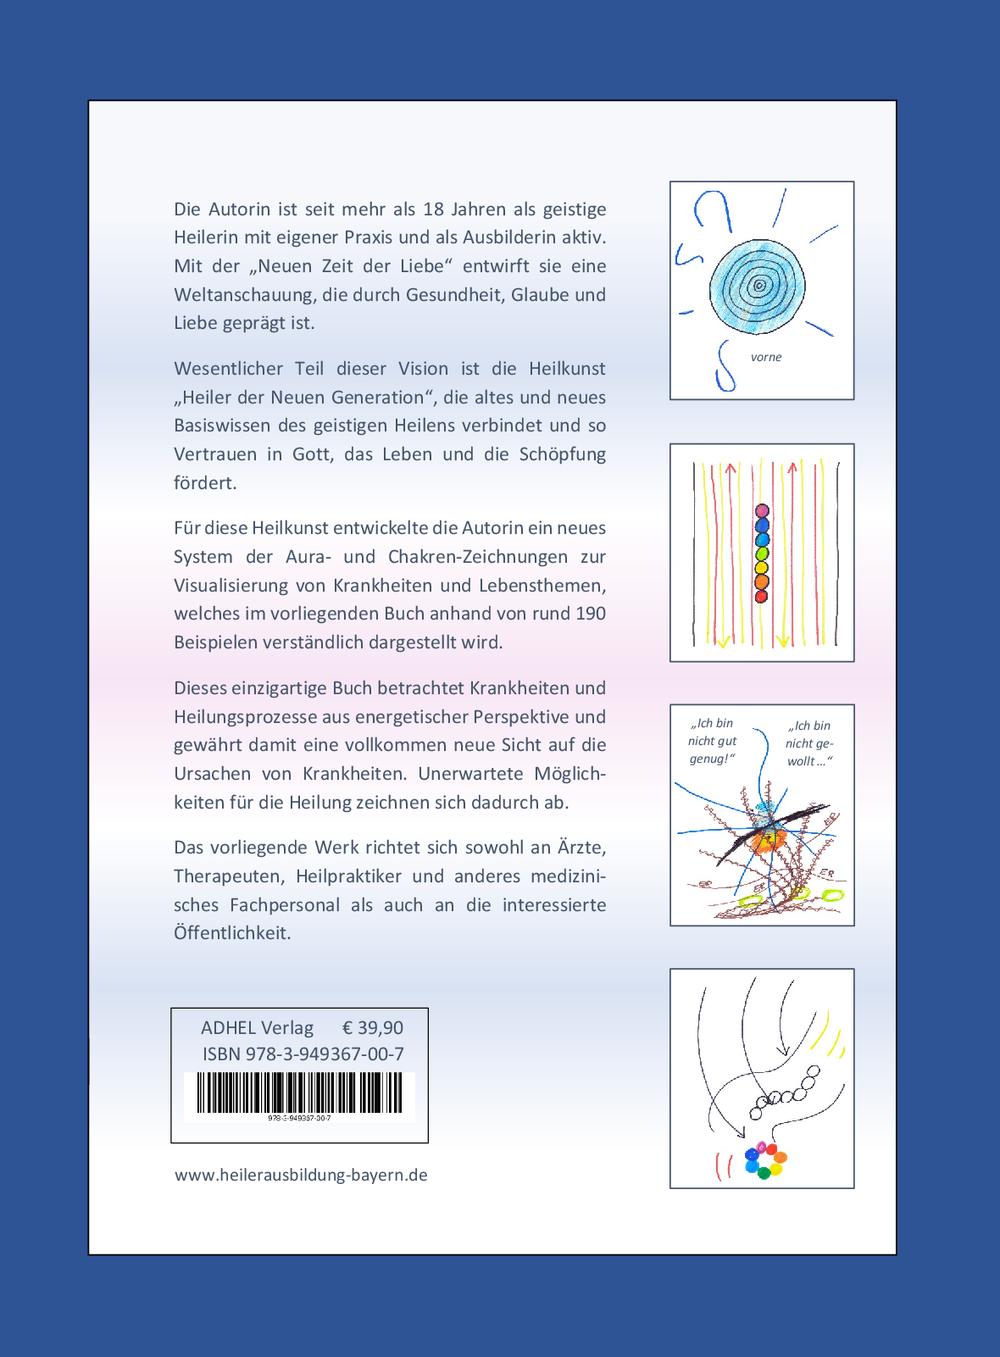 ADHEL Verlag Buch-Rückseite